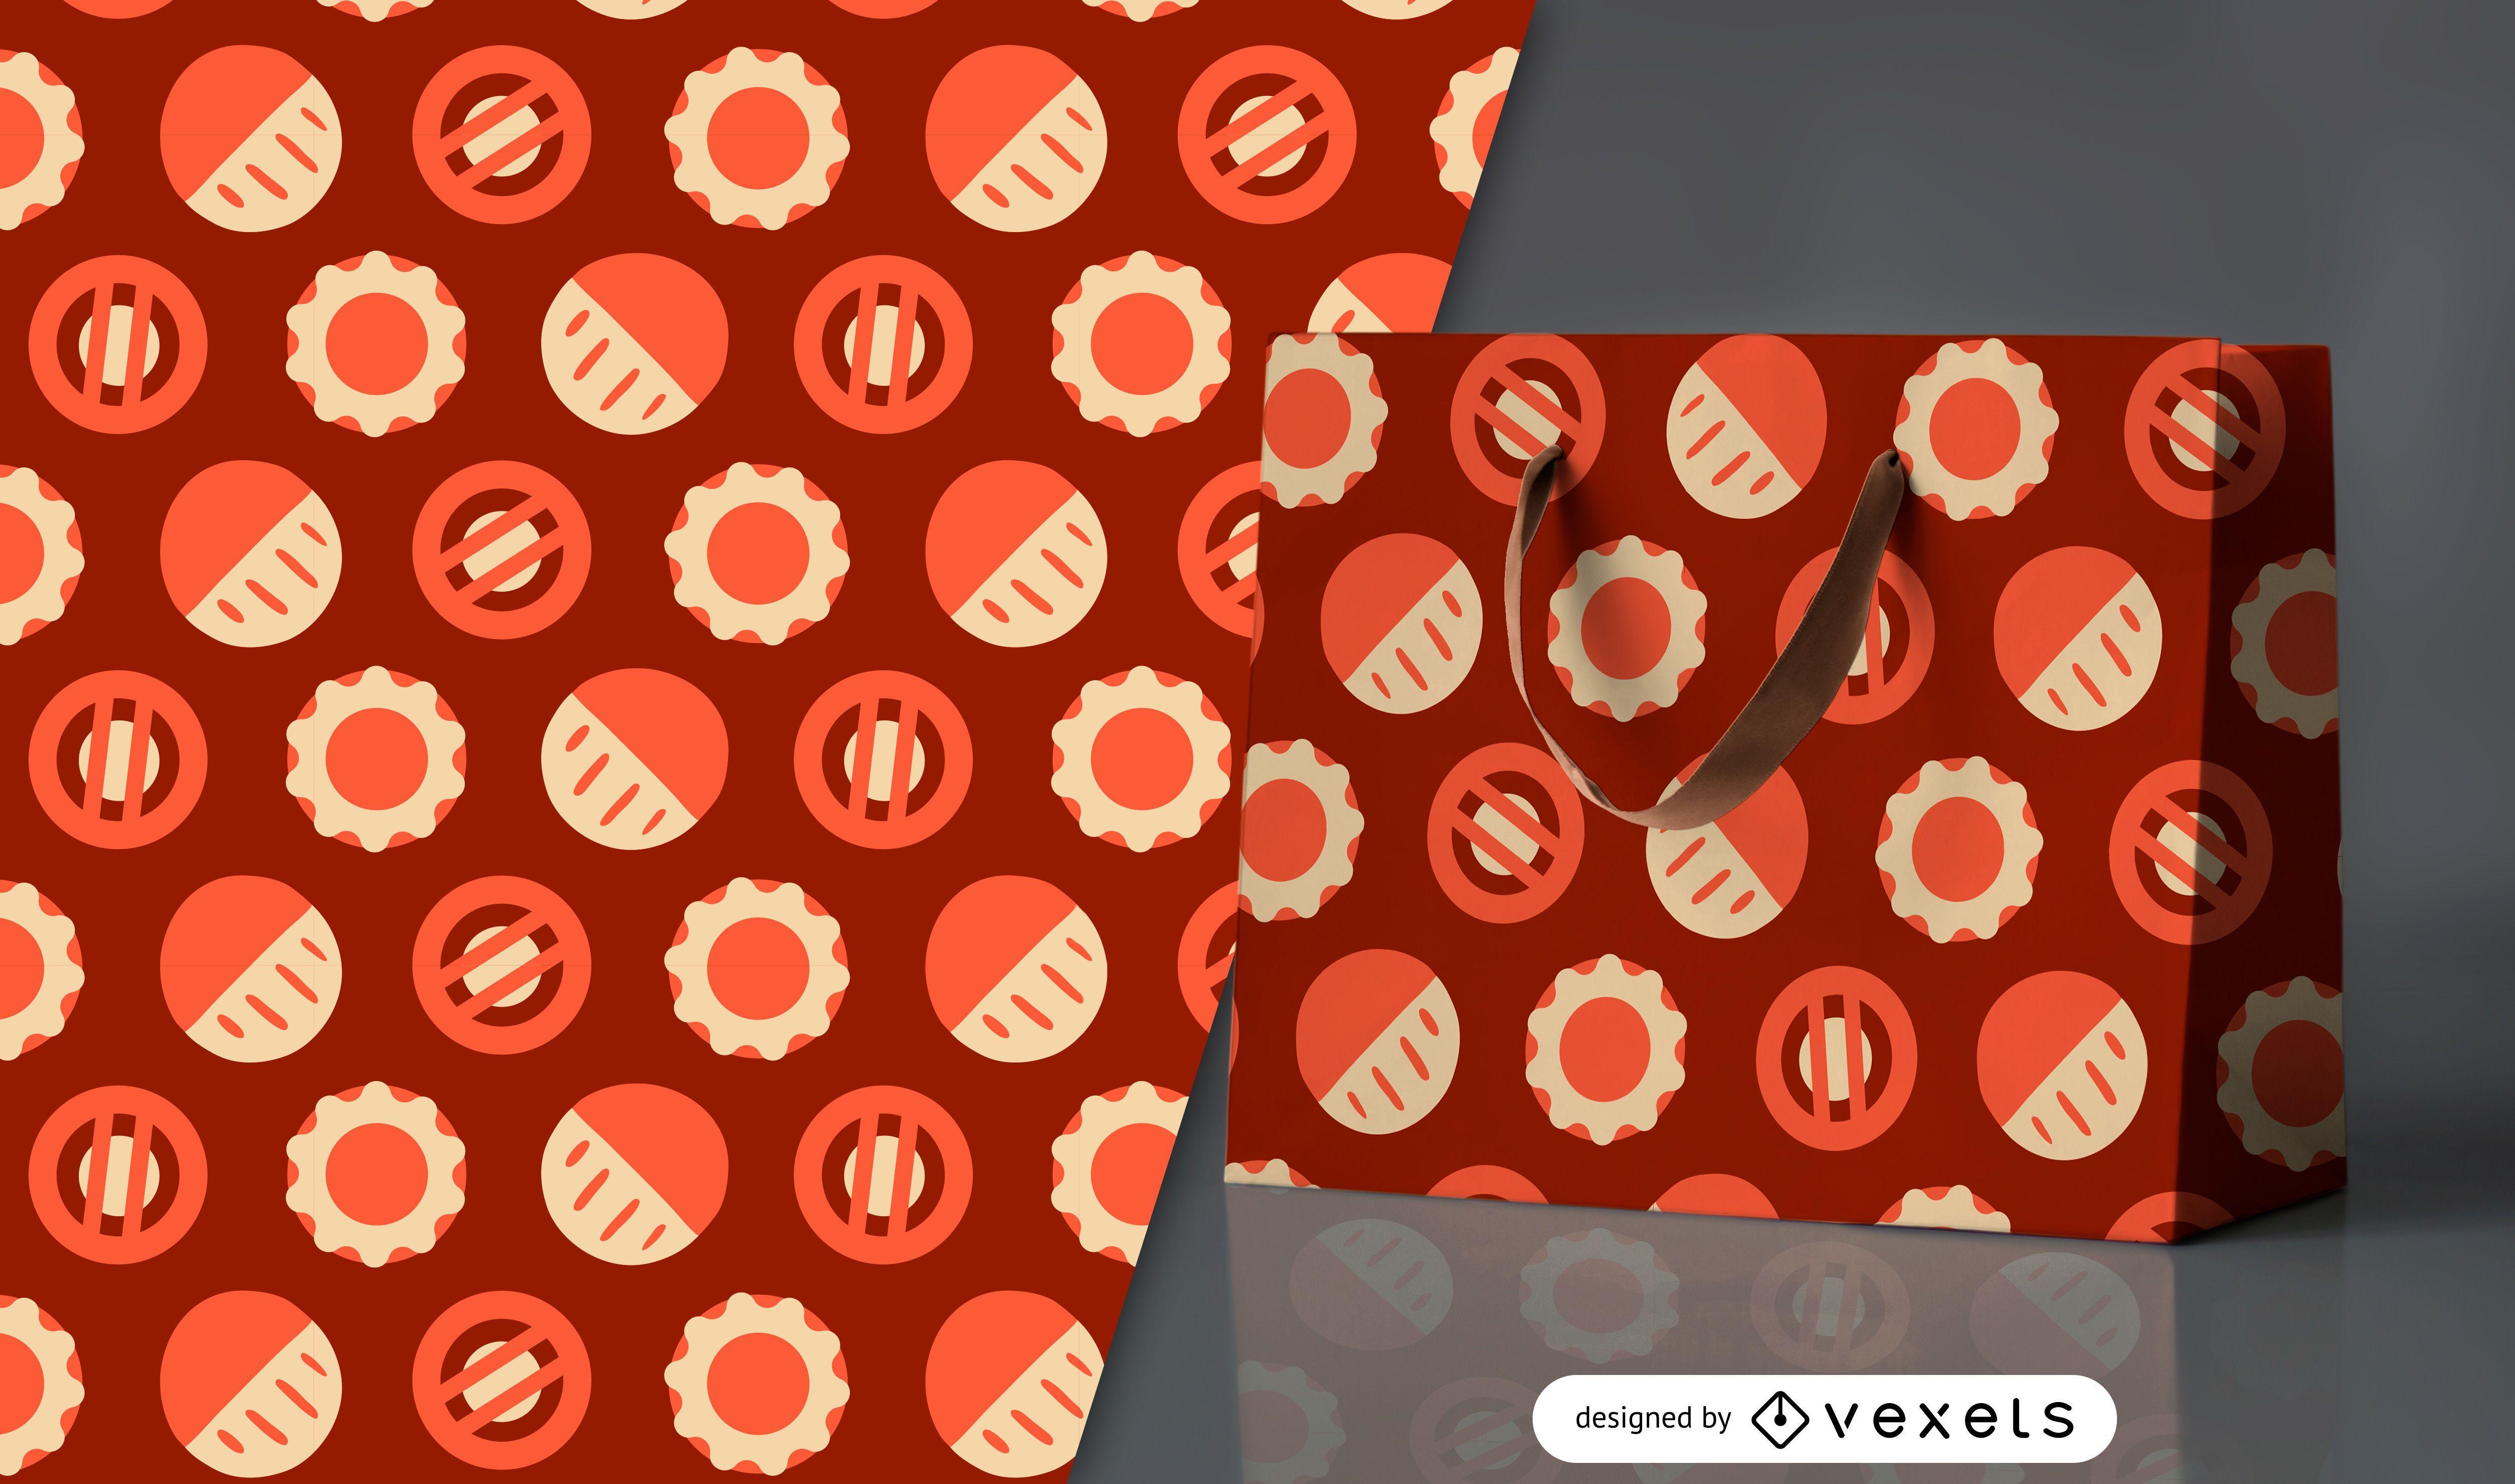 Diseño de patrón de círculos geométricos